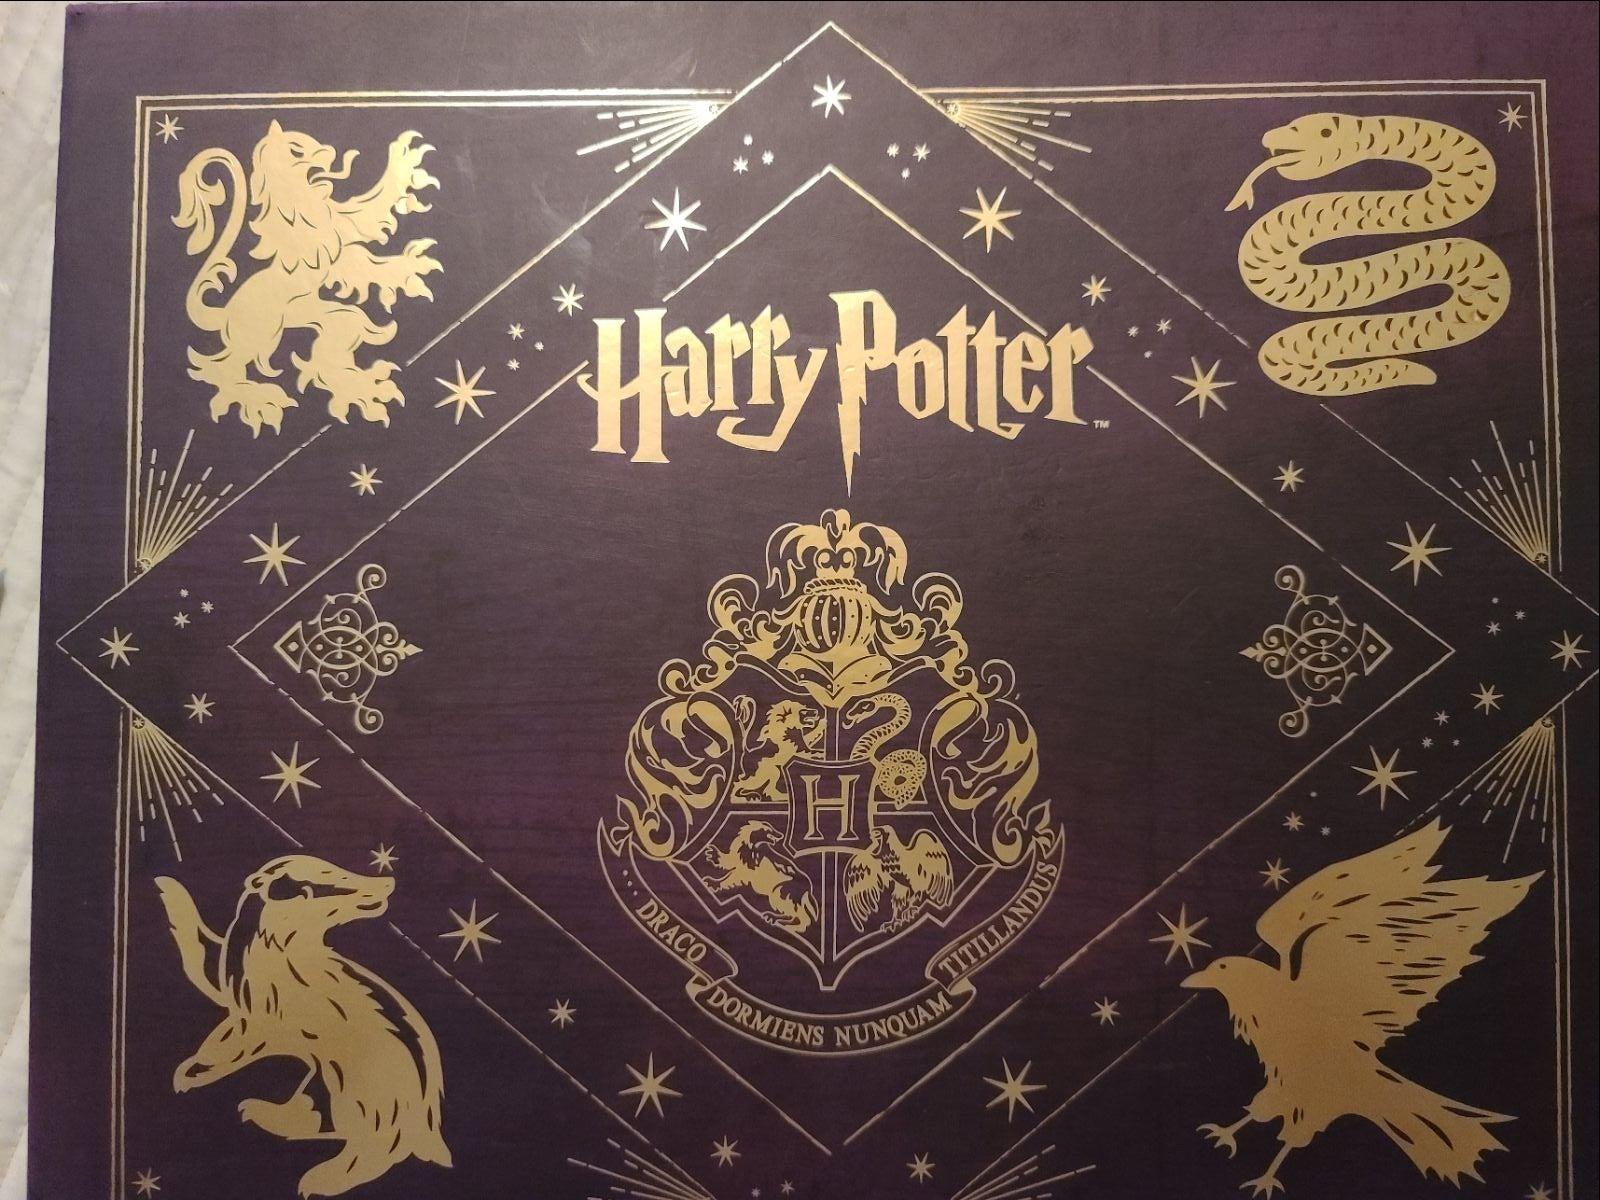 Harry Potter Stationary kit